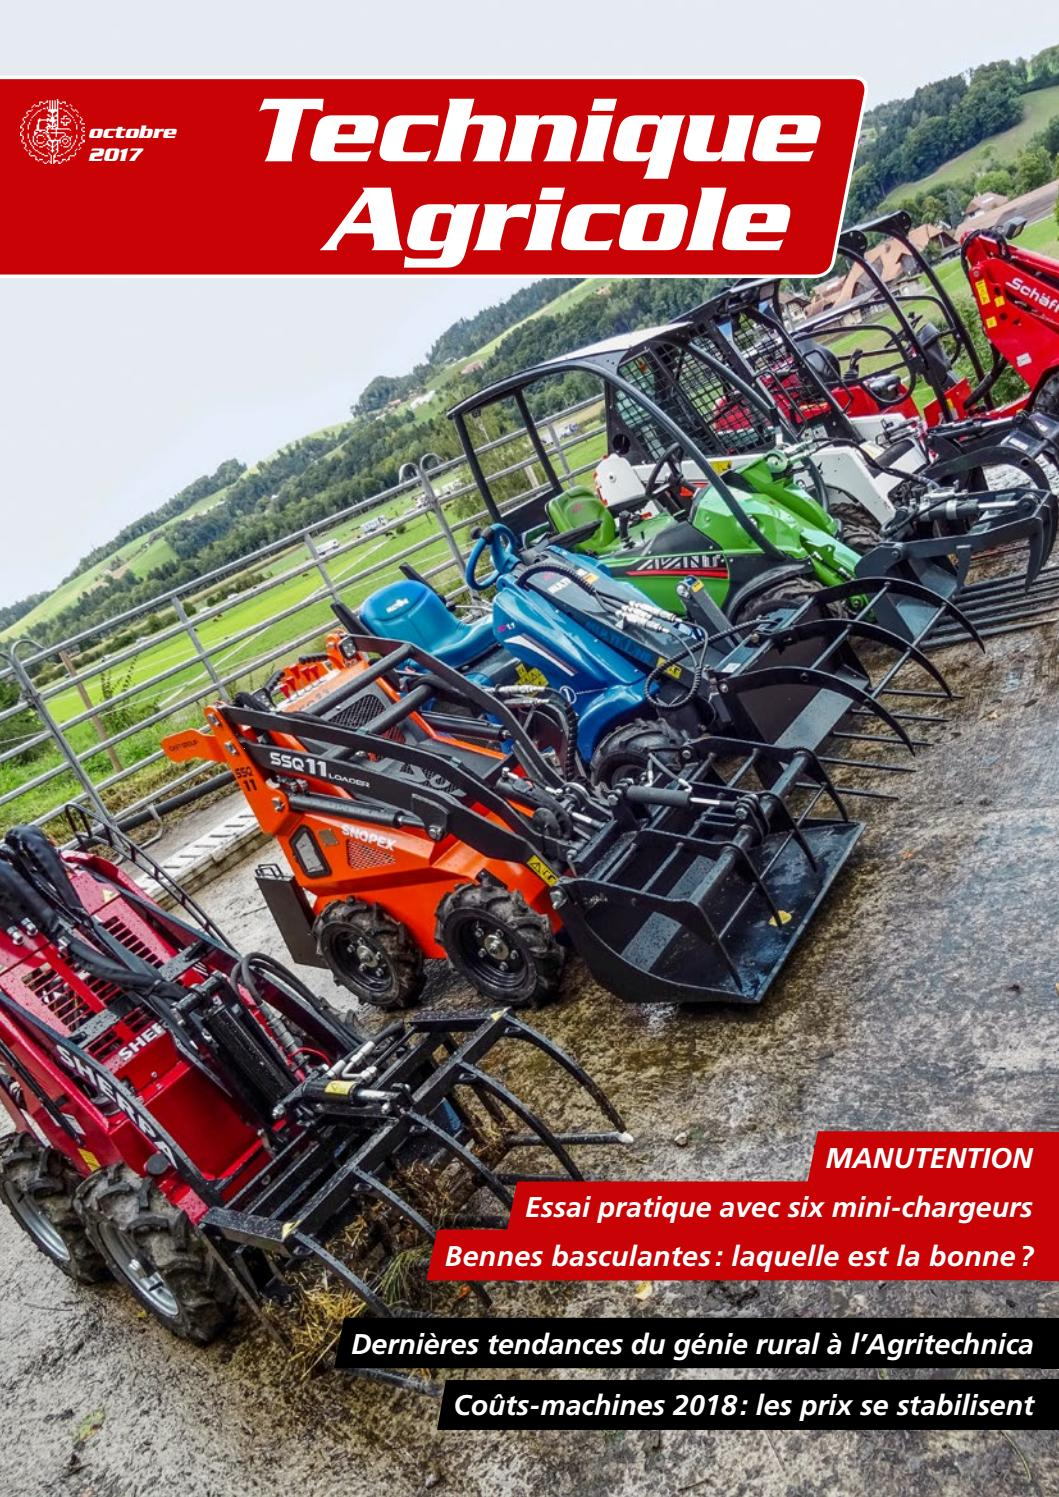 Rigides tracteurs Volant Poignée Tracteur Volant Poignée pivotante sur axe fixe